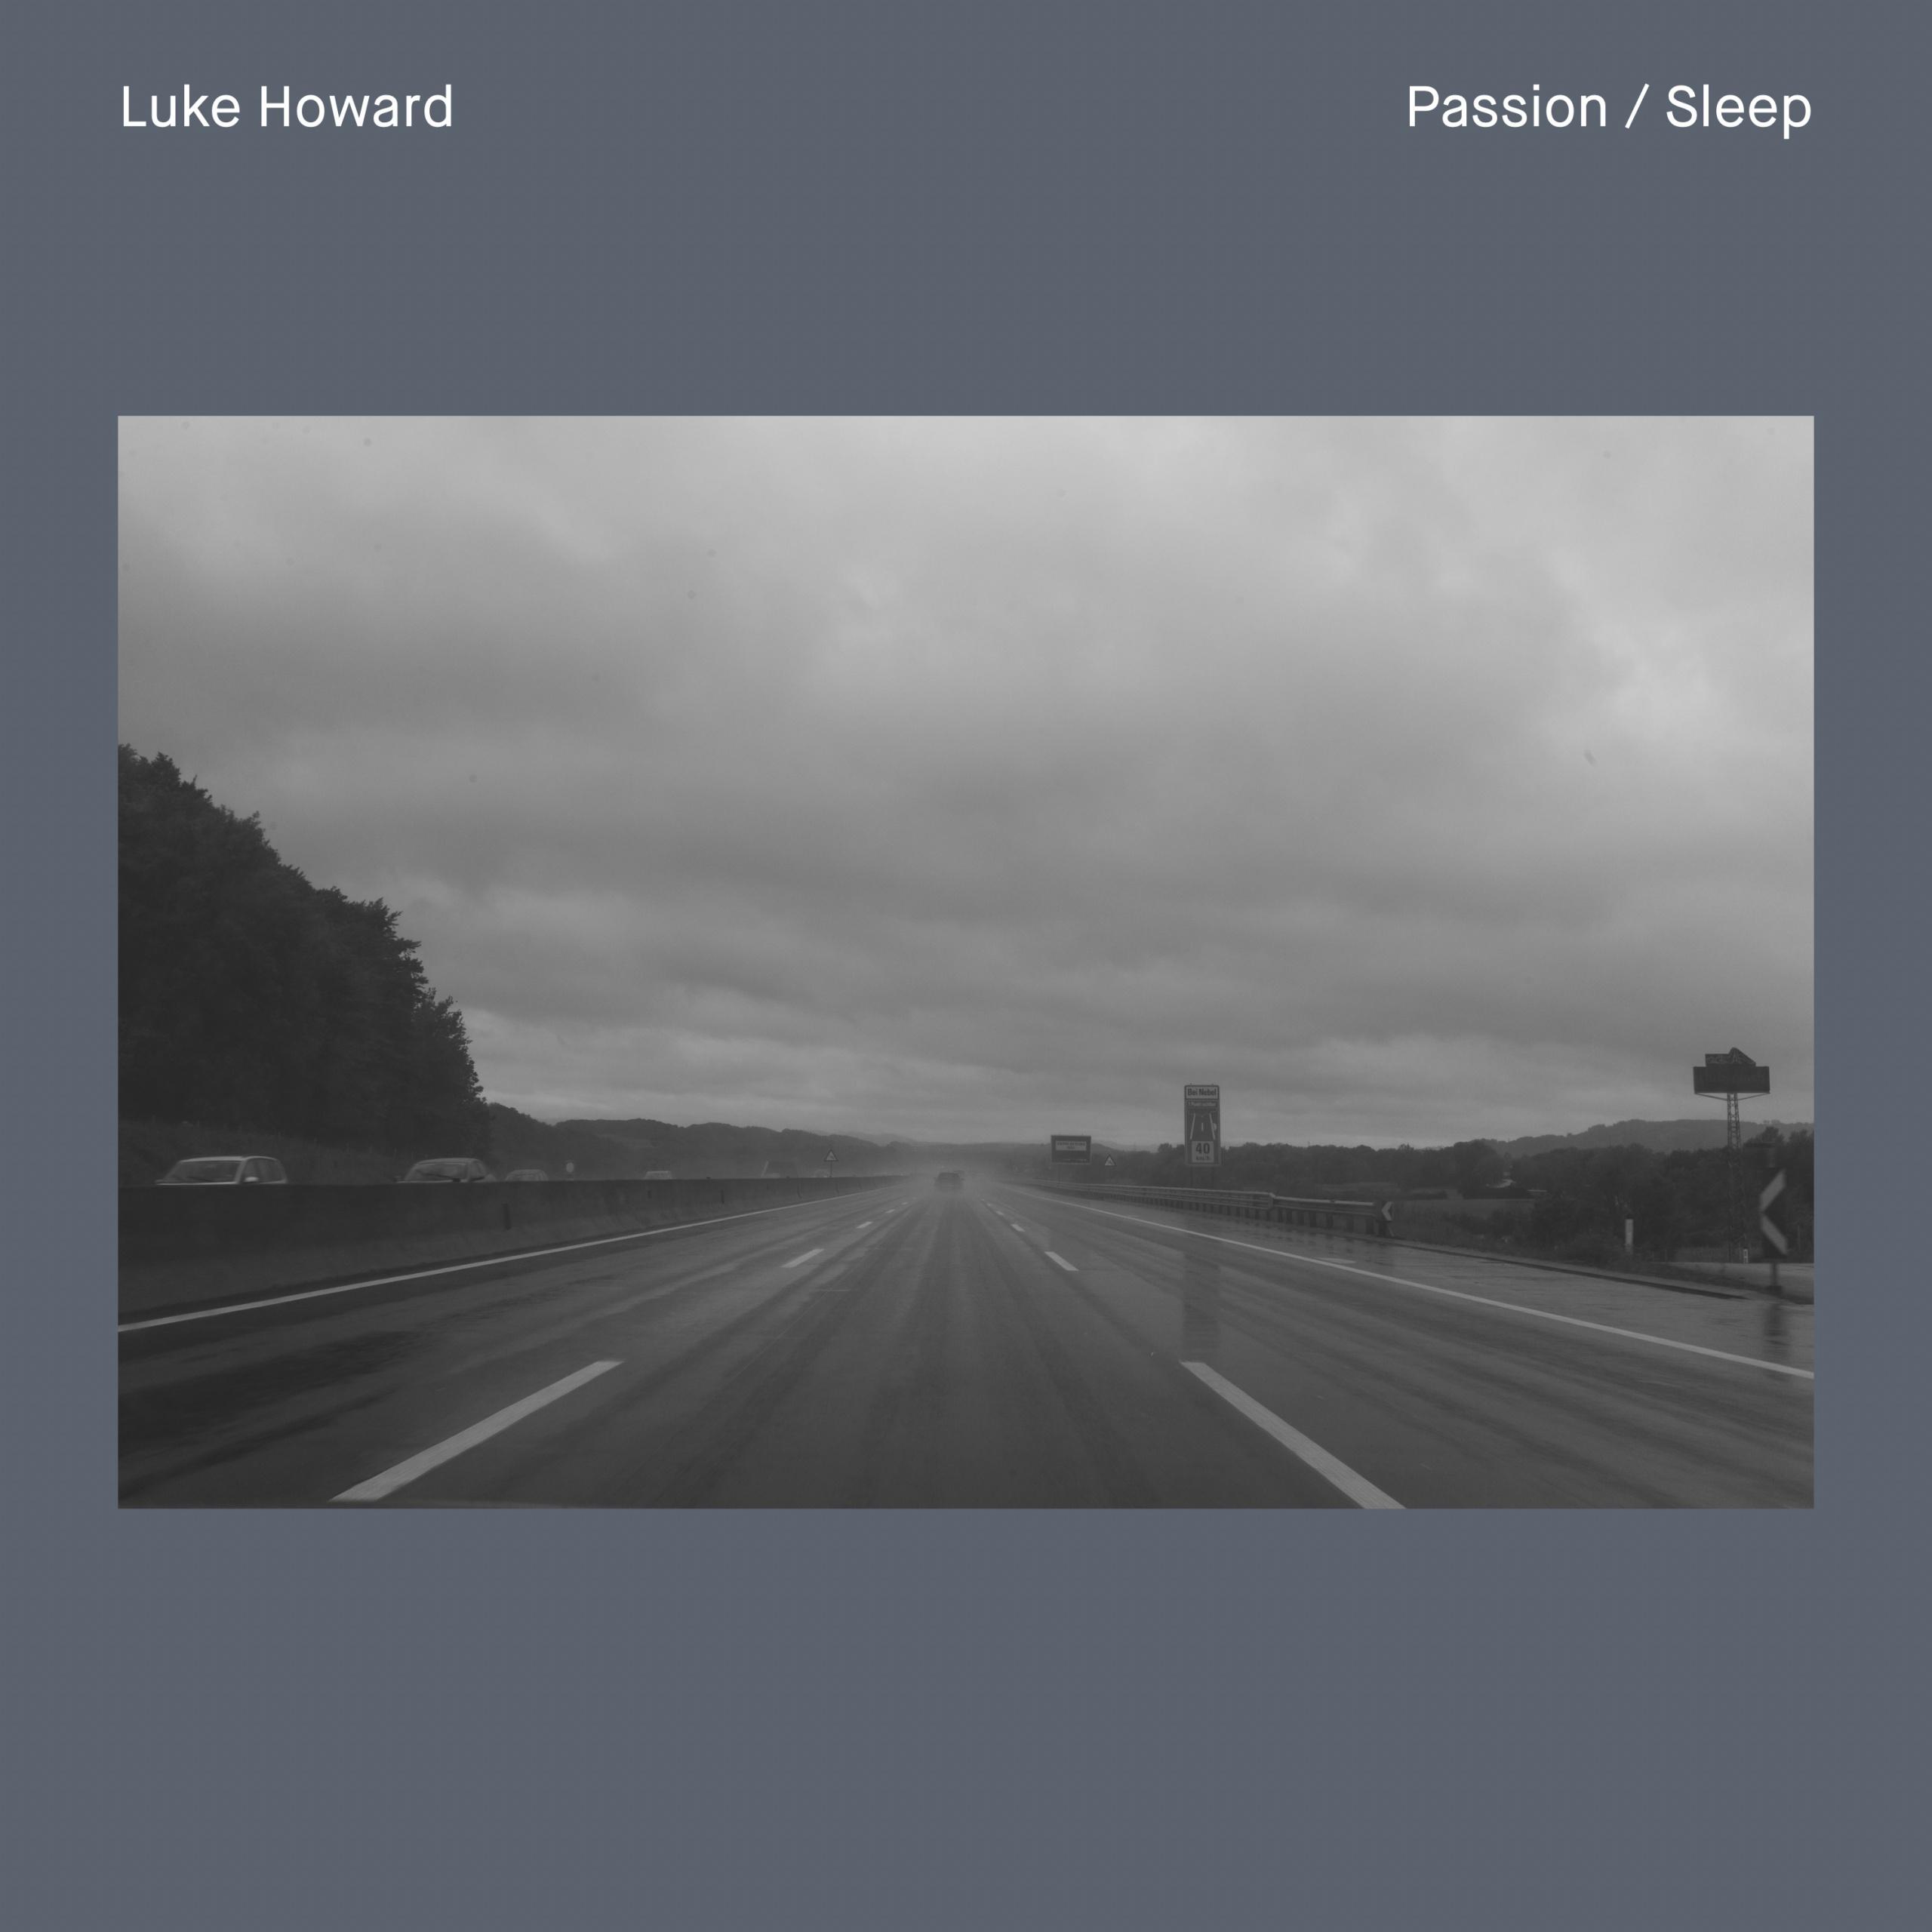 Passion / Sleep